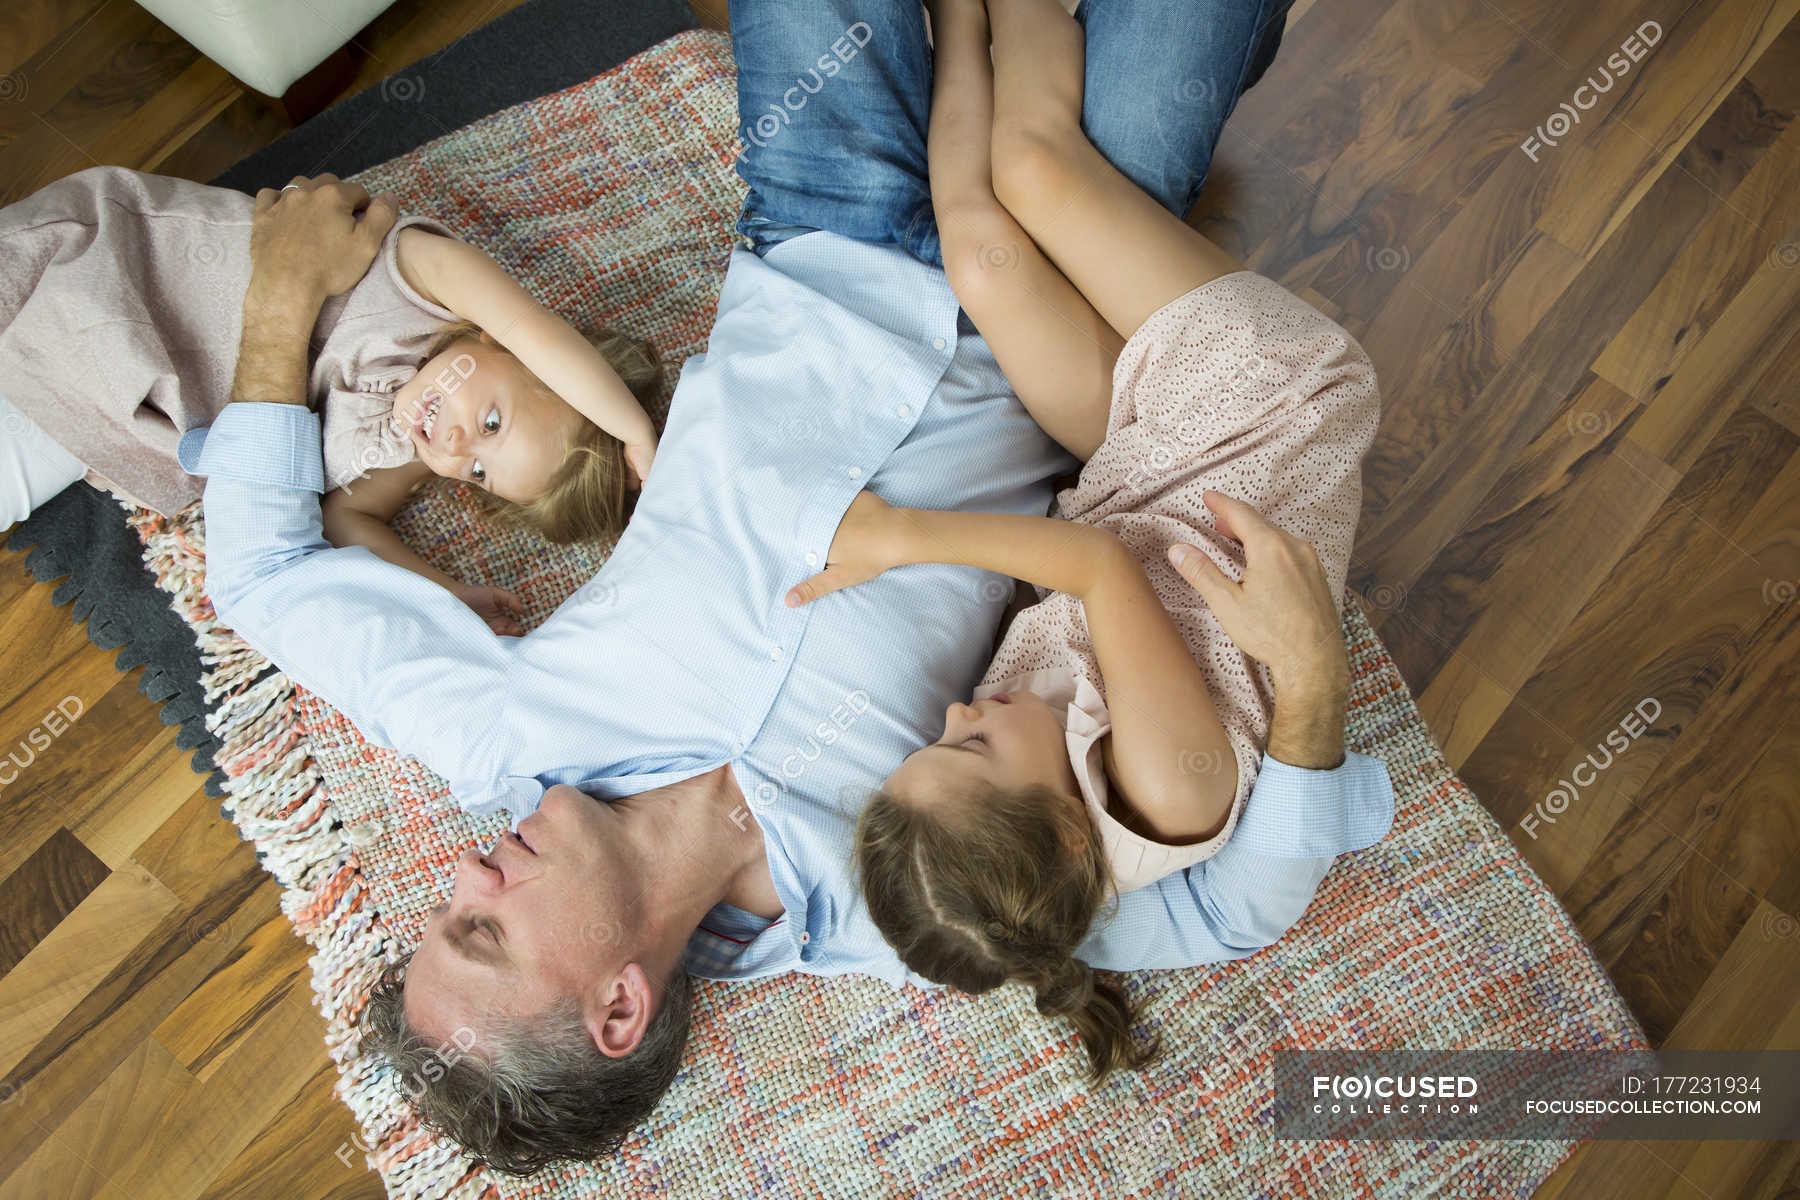 Секс пьяной дочки с отцом, Отец и дочь, отец ебет дочь - Смотреть порно видео 16 фотография